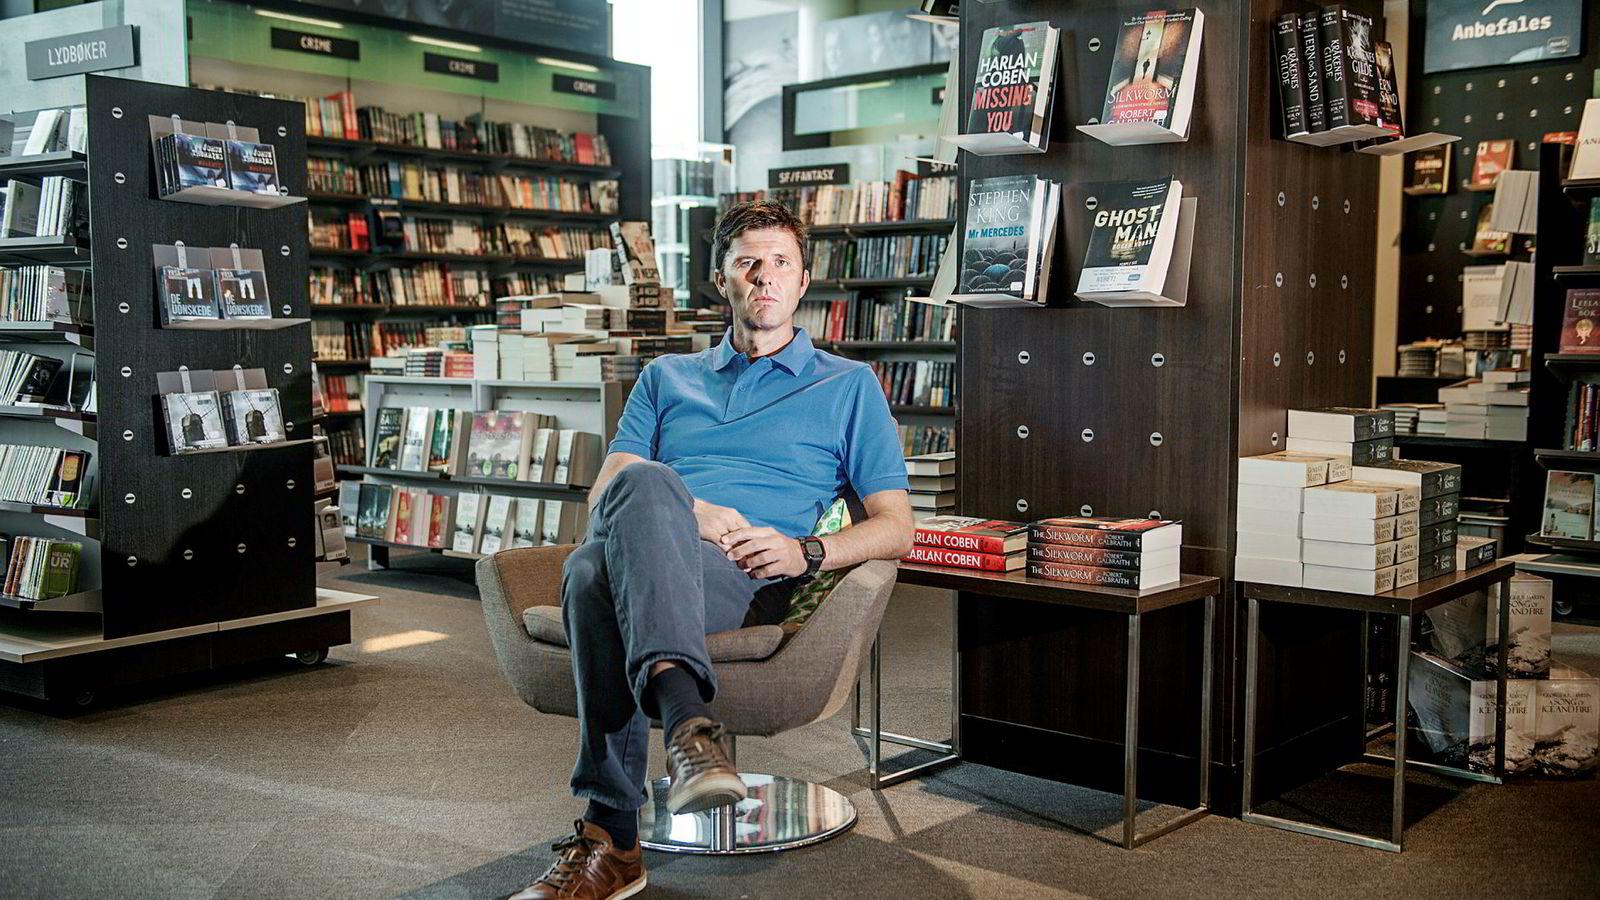 – Vi kommer til å ha færre butikker om fem år enn i dag, sier administrerende direktør i Norli Libris John Thomasgaard.